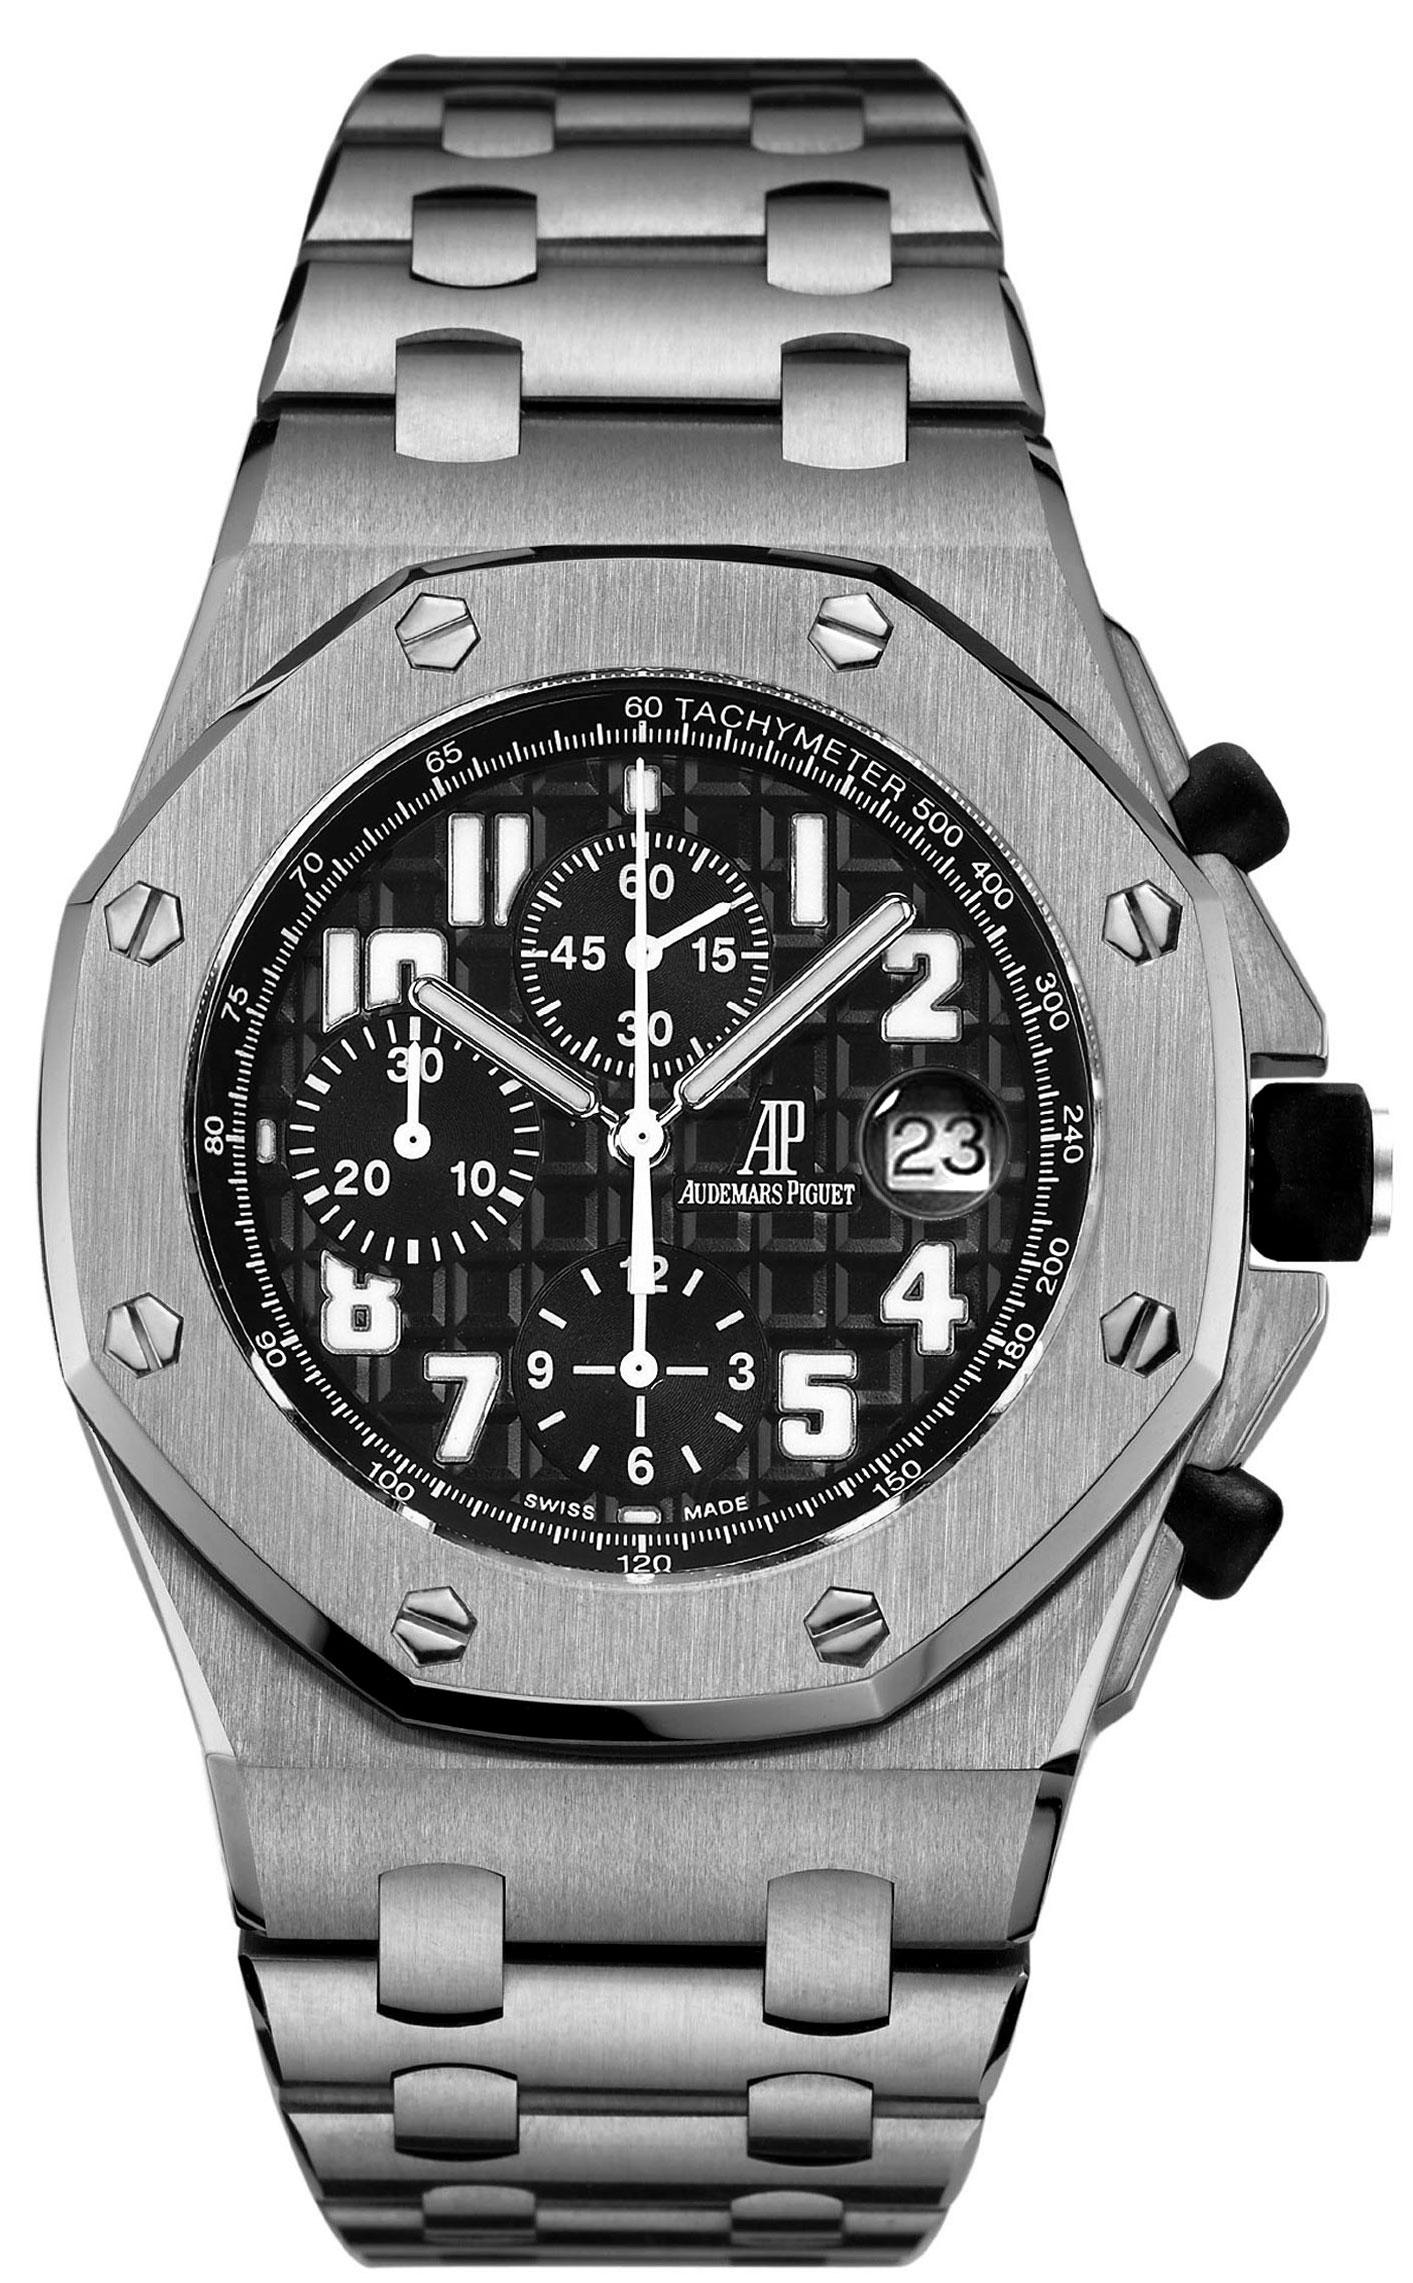 Audemars piguet royal oak offshore men 39 s watch model 26170st for Ap royal oak offshore chronograph